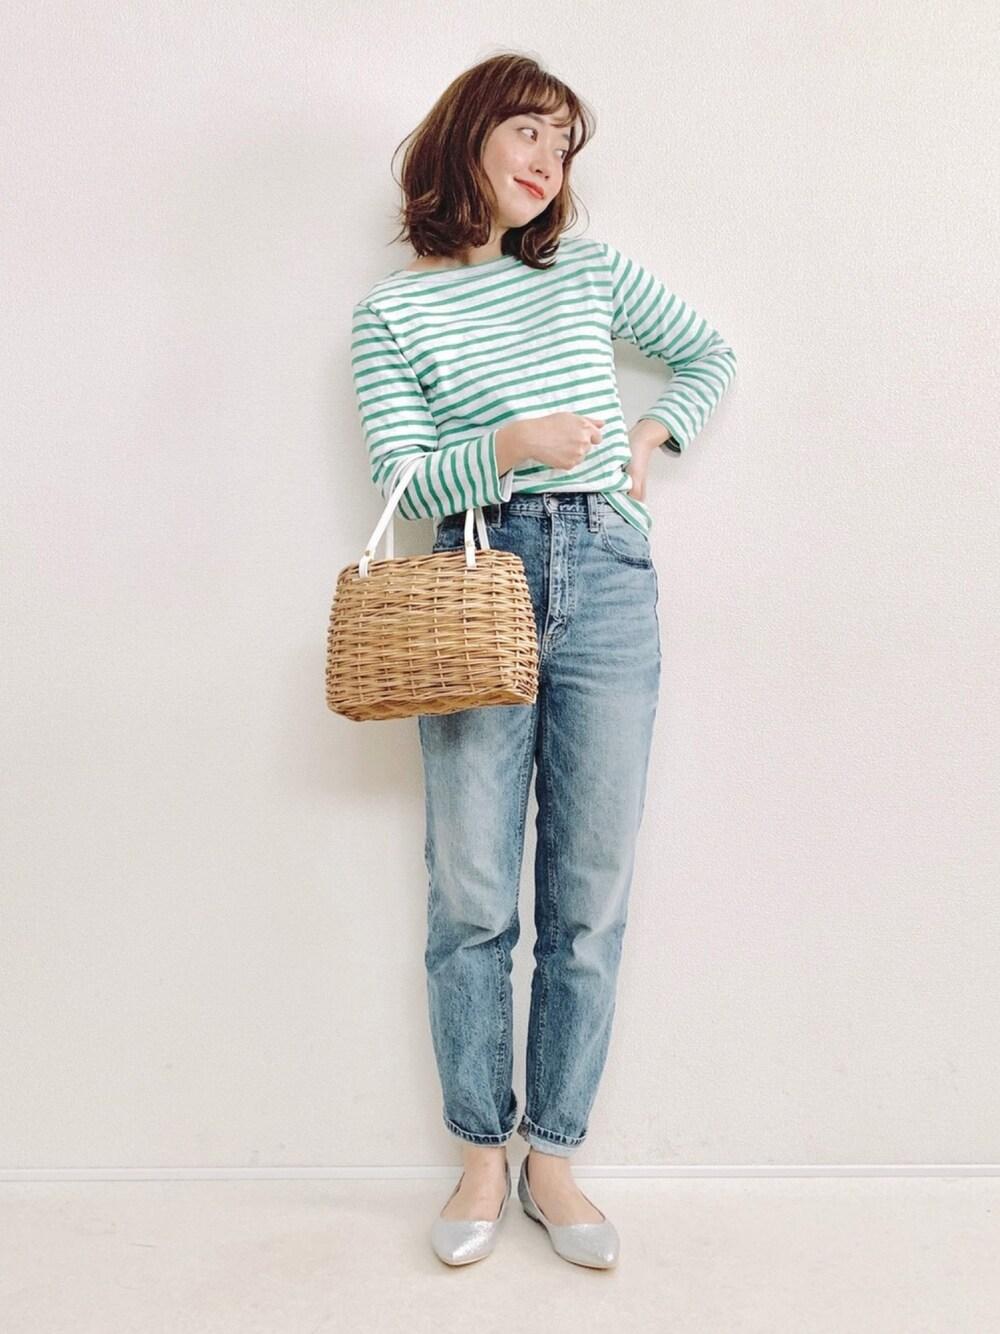 爽やか ママコーデ ファッション ボーダー エメラルドグリーン 30代 ママ